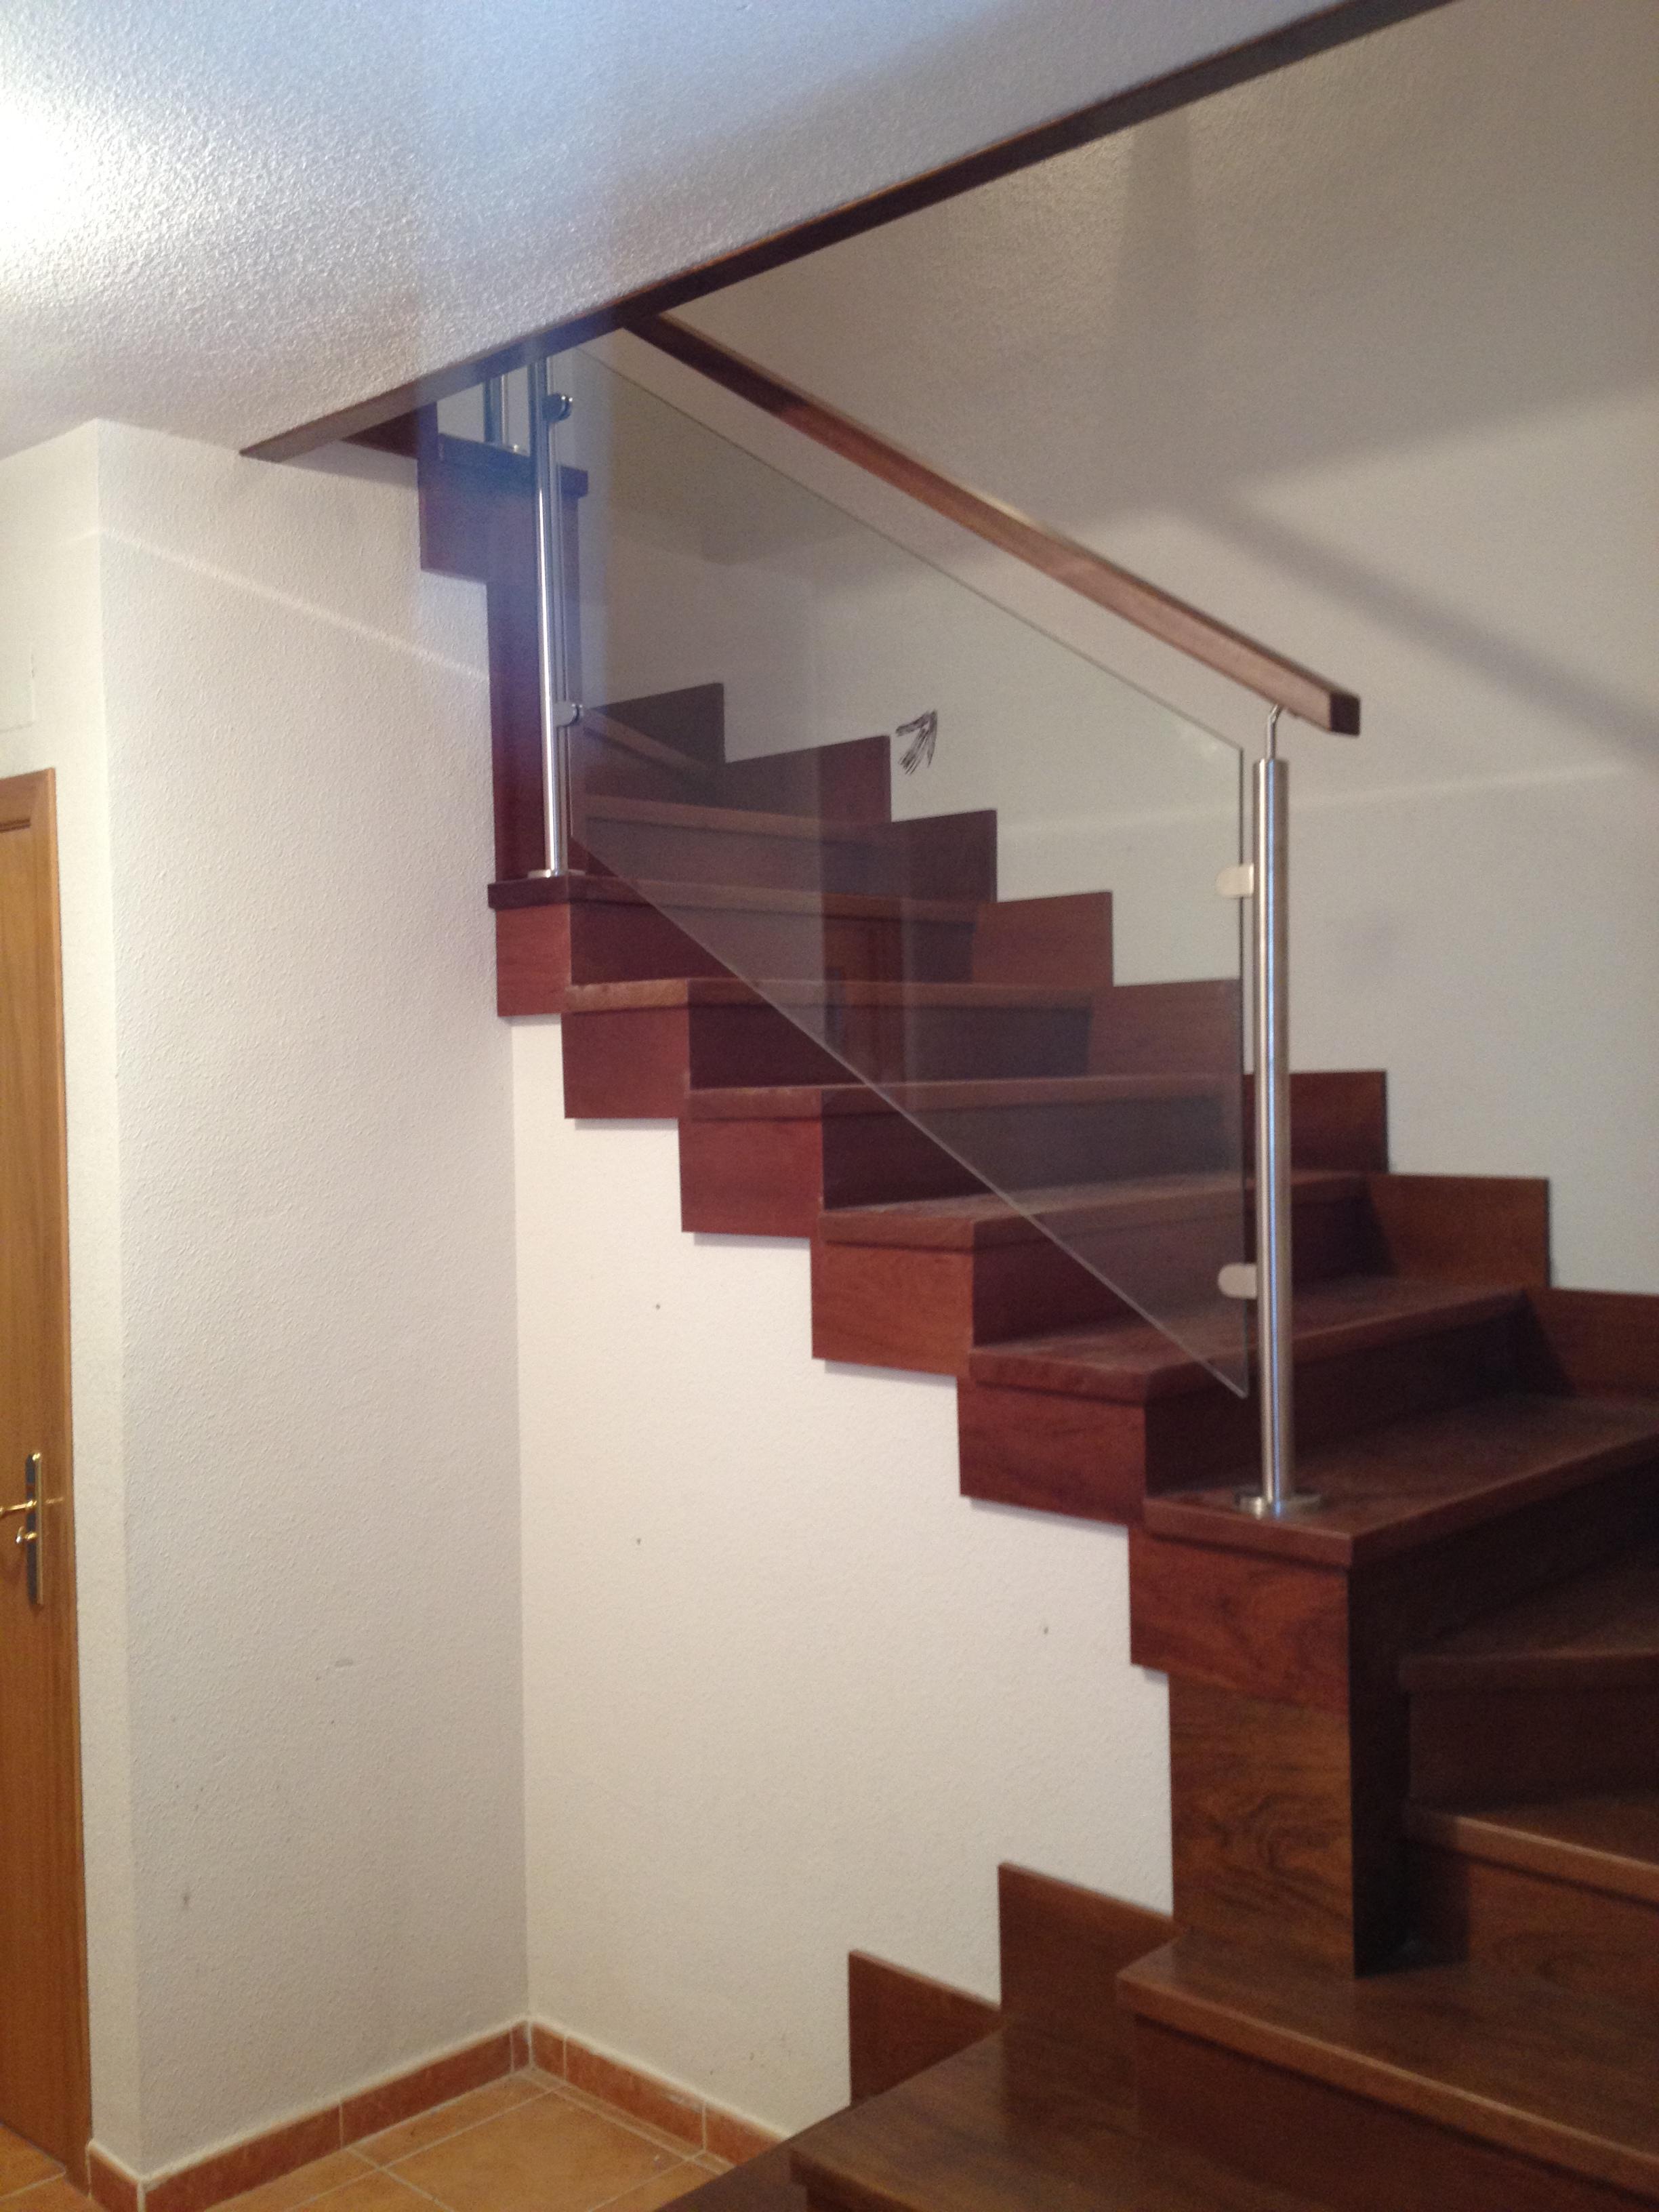 Carpinter a ebanister a g mez garc a trabajos - Escaleras con barandilla de cristal ...